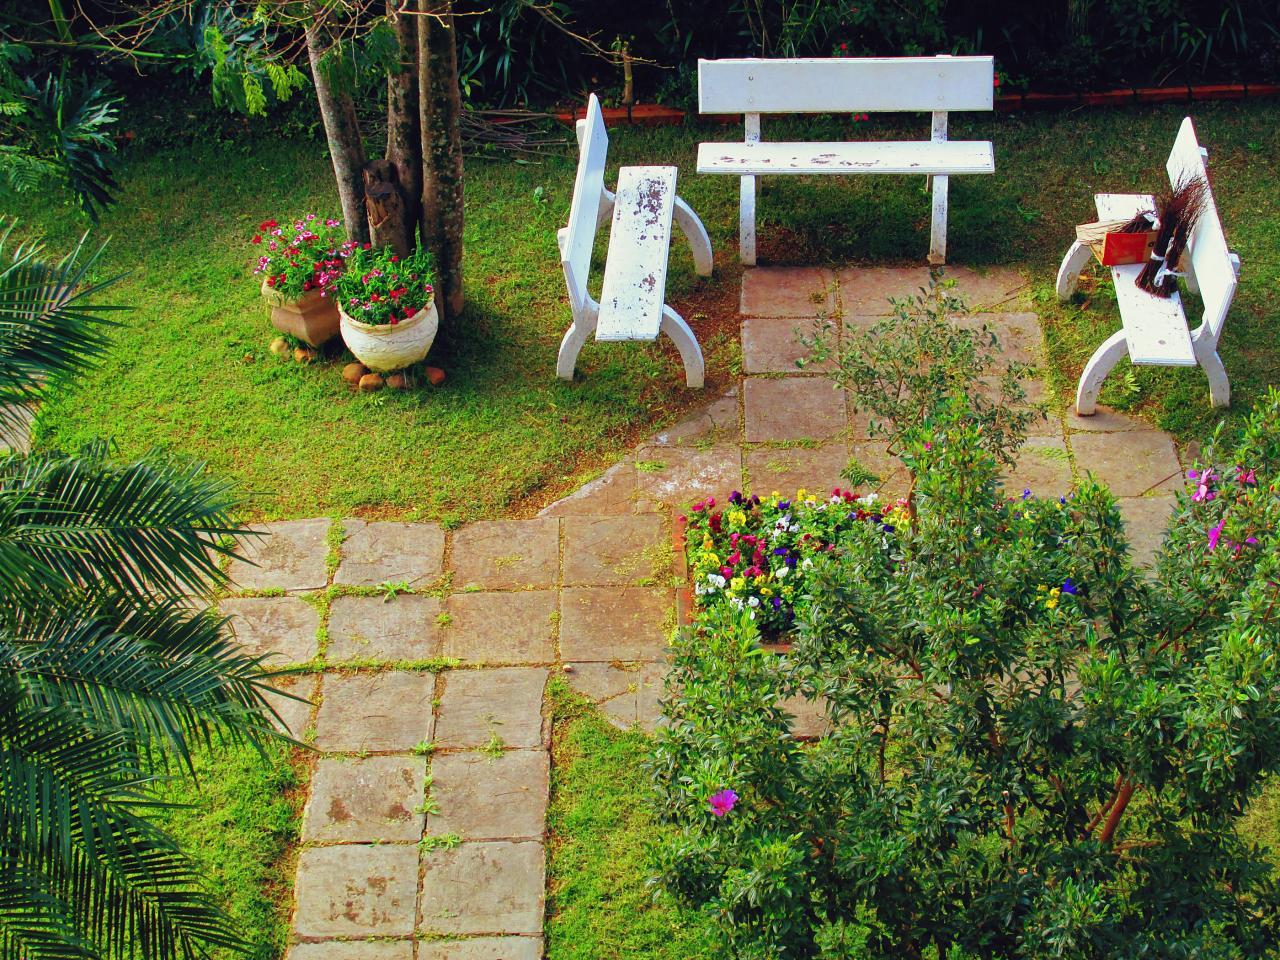 Dise os atractivos para jardines peque os lifestyle de - Arboles para jardines pequenos ...